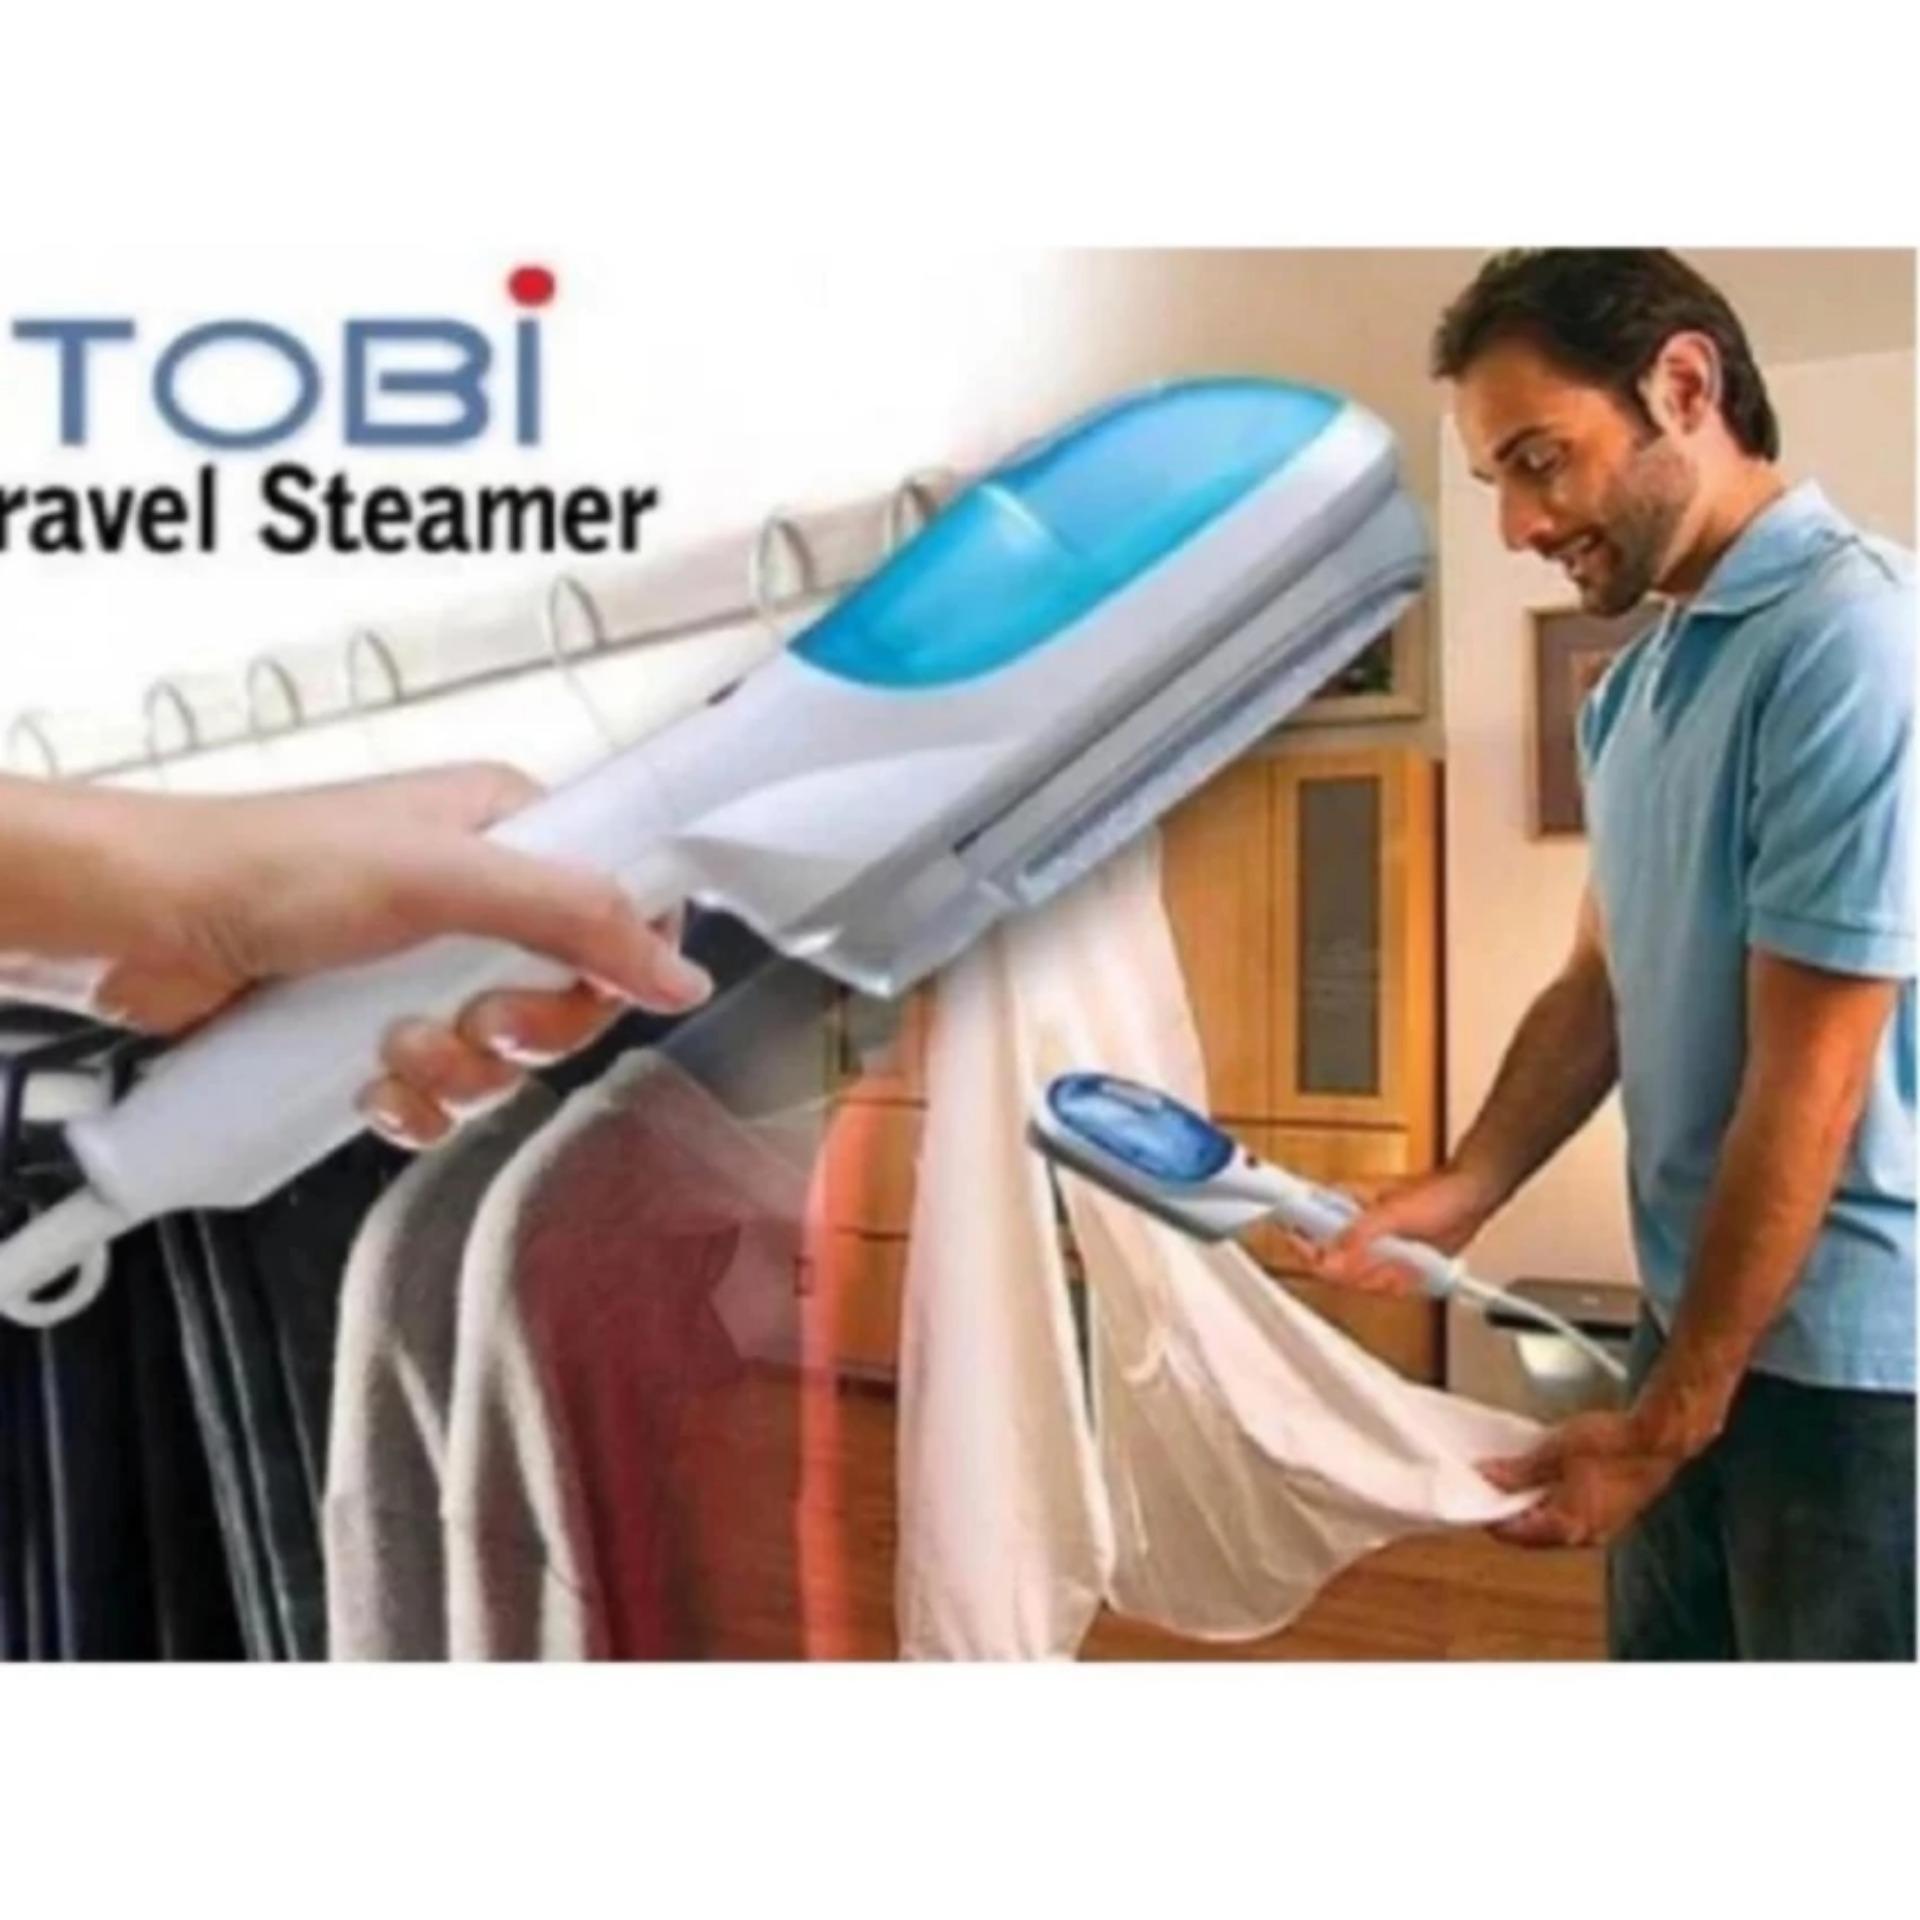 Bàn ủi hơi nước cầm tay đa năng Tobi